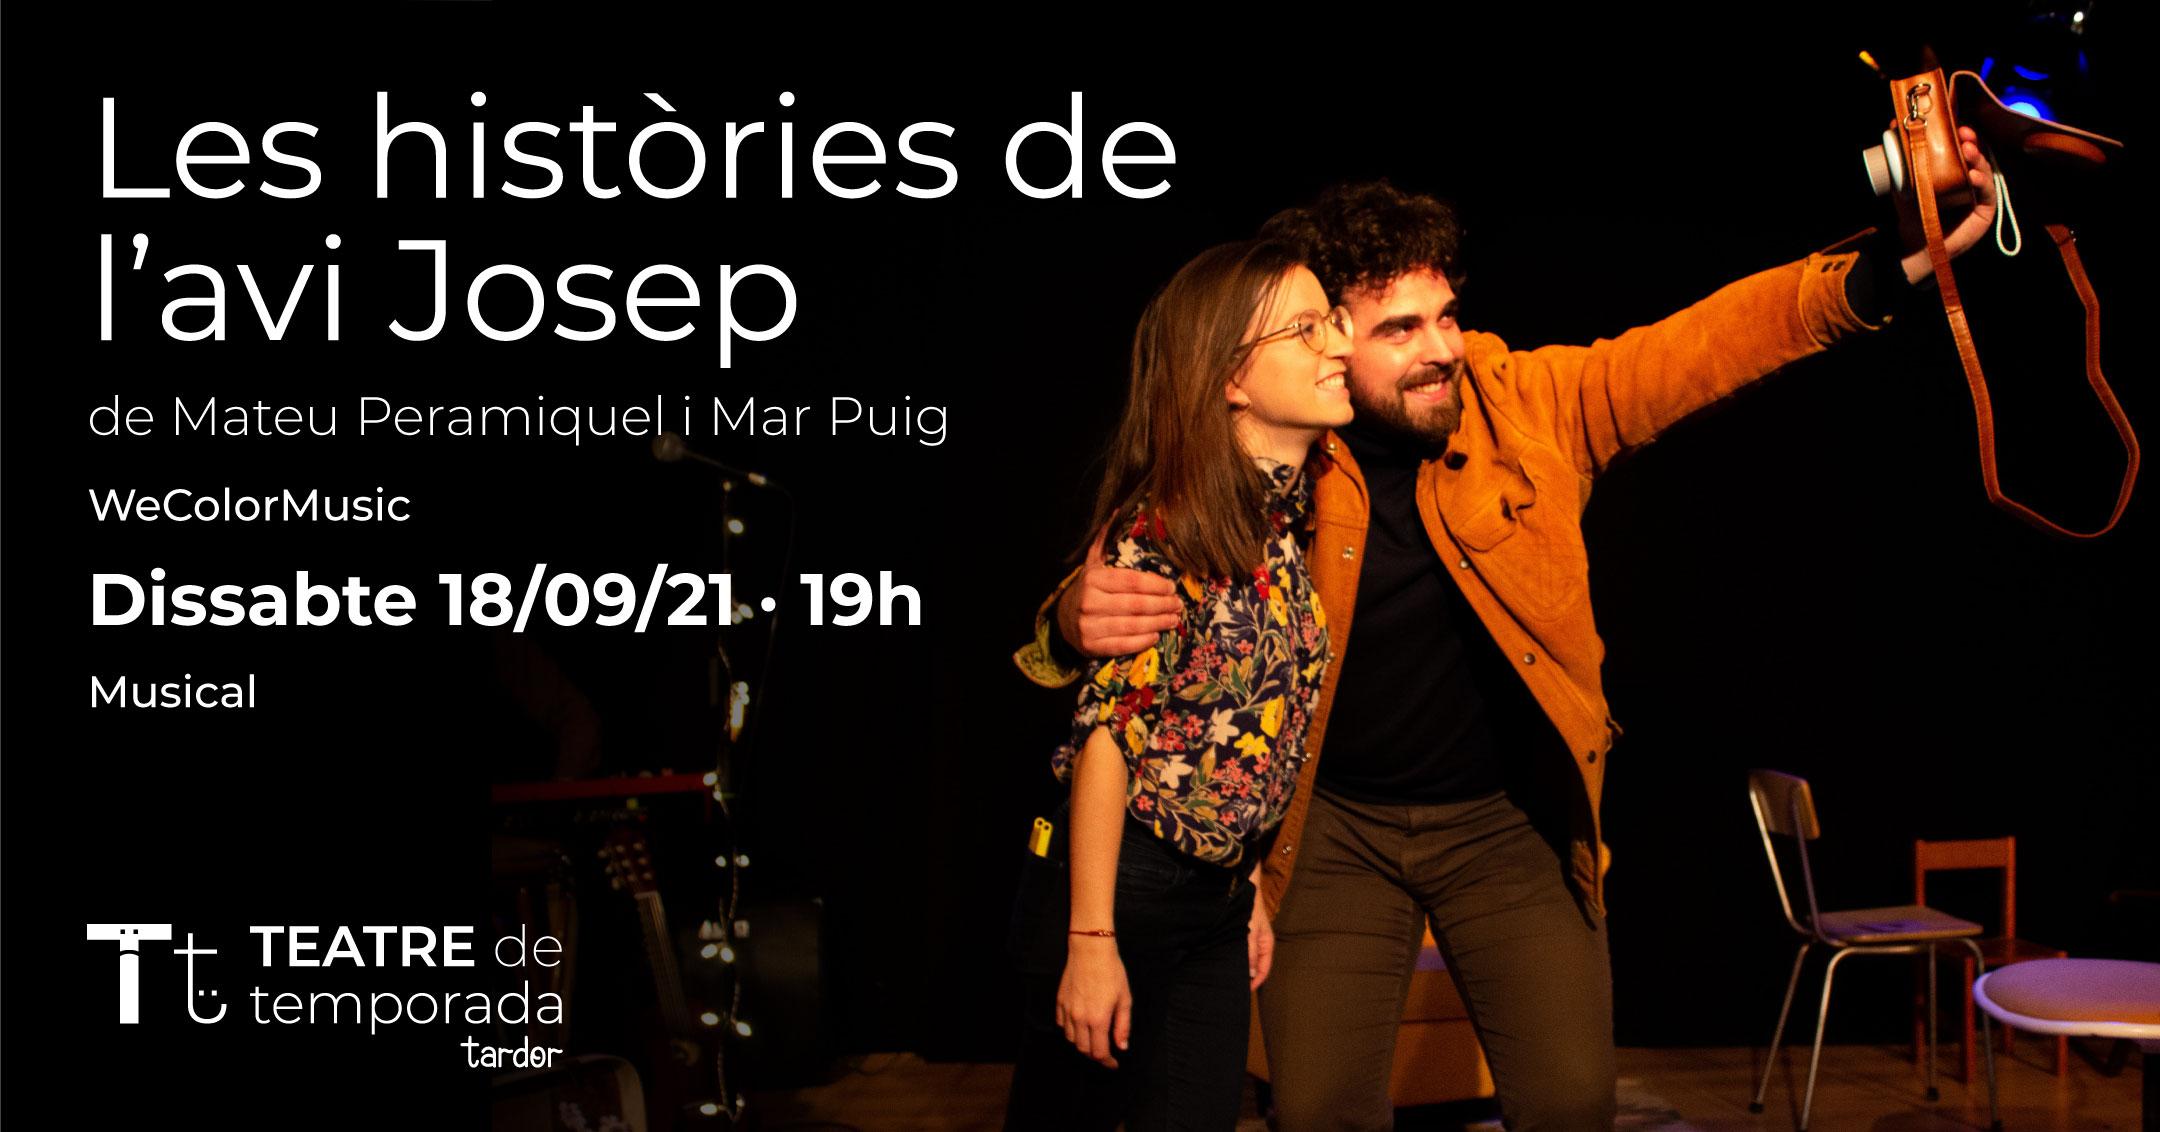 TEATRE de temporada - Les històries de l'avi Josep